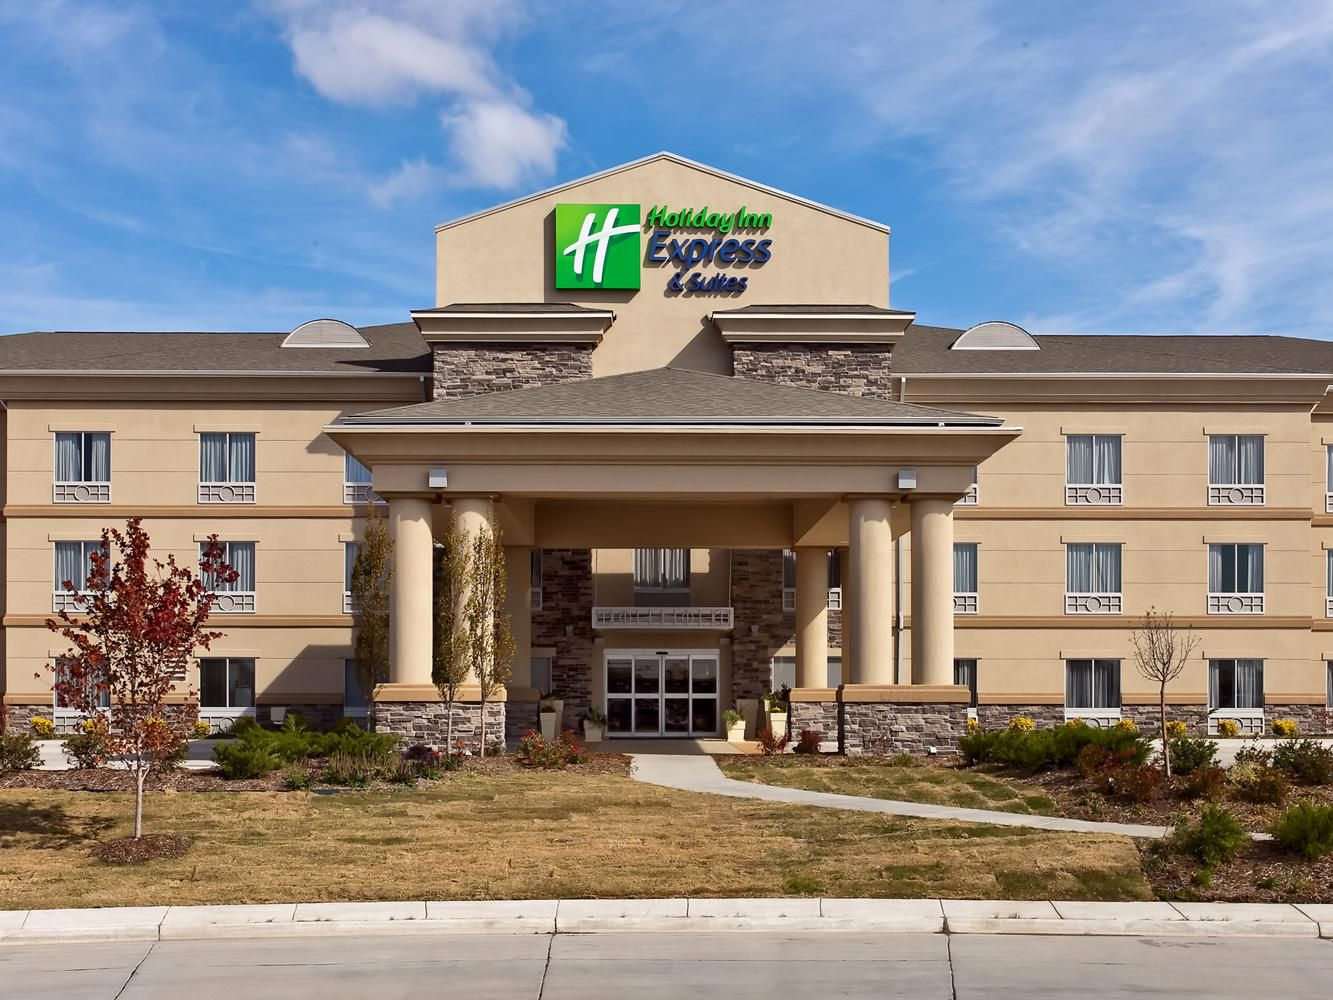 Holiday Inn Wichita Family Hotels by IHG